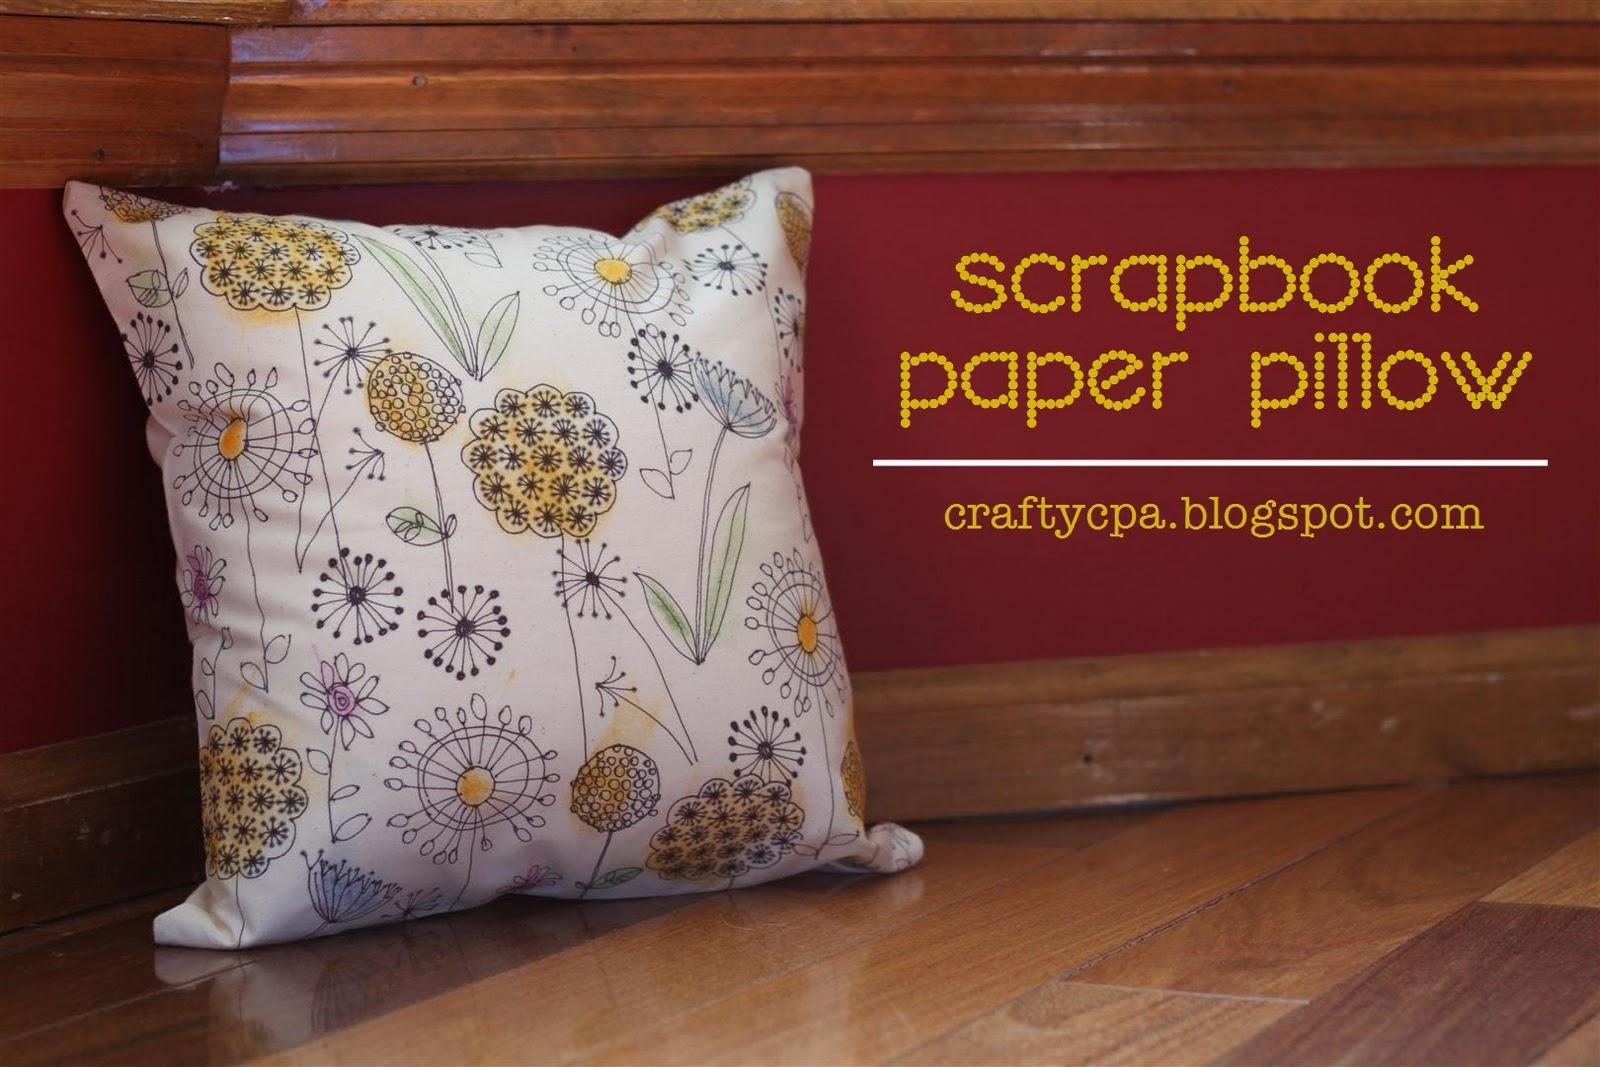 645 Workshop By The Crafty Cpa: Return On Creativity